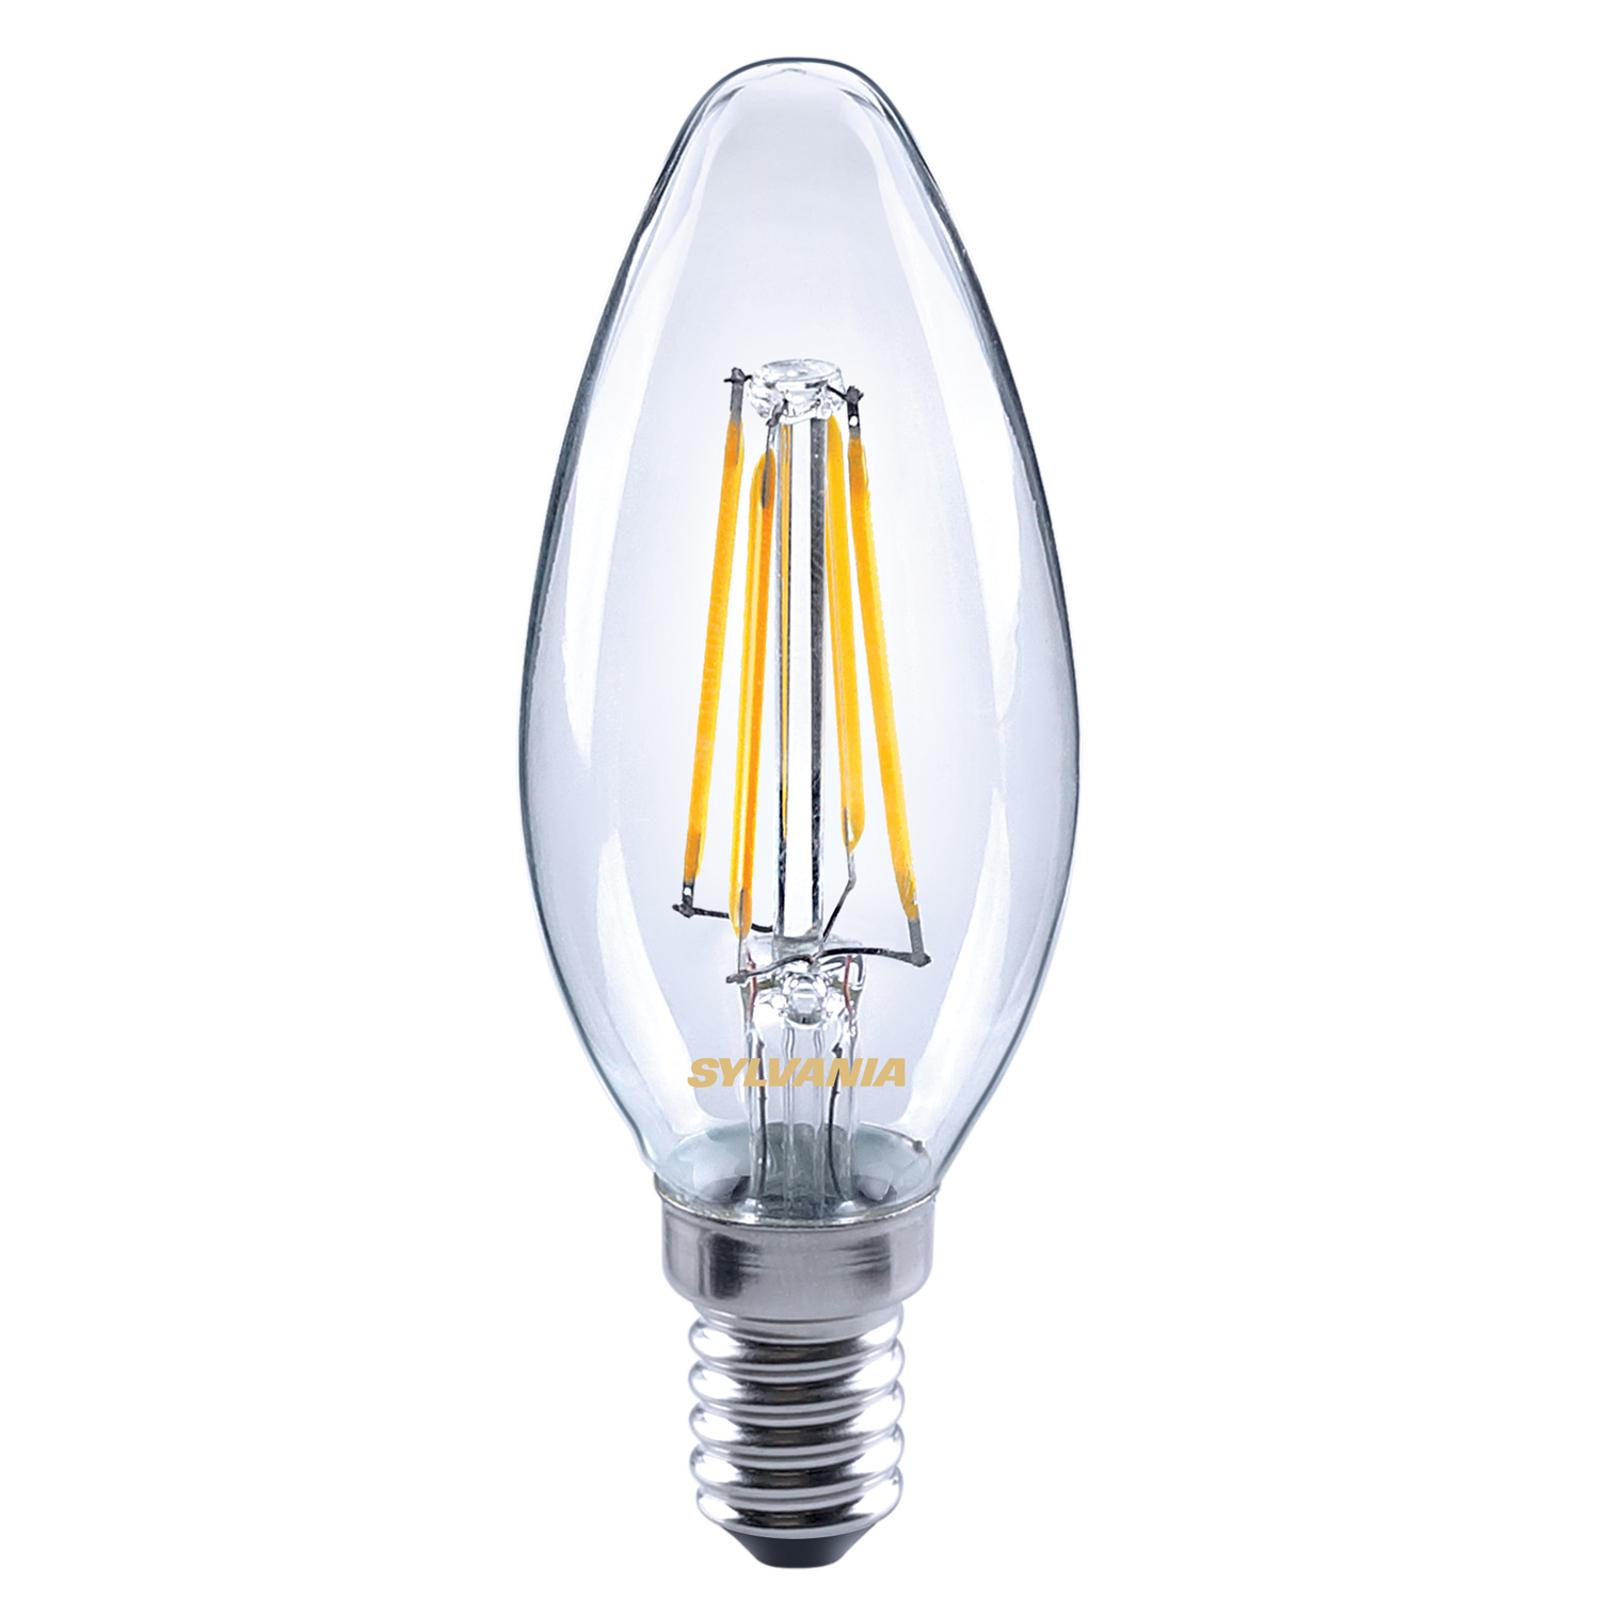 ToLEDo LED-kertepære E14 4,5W 827, klar